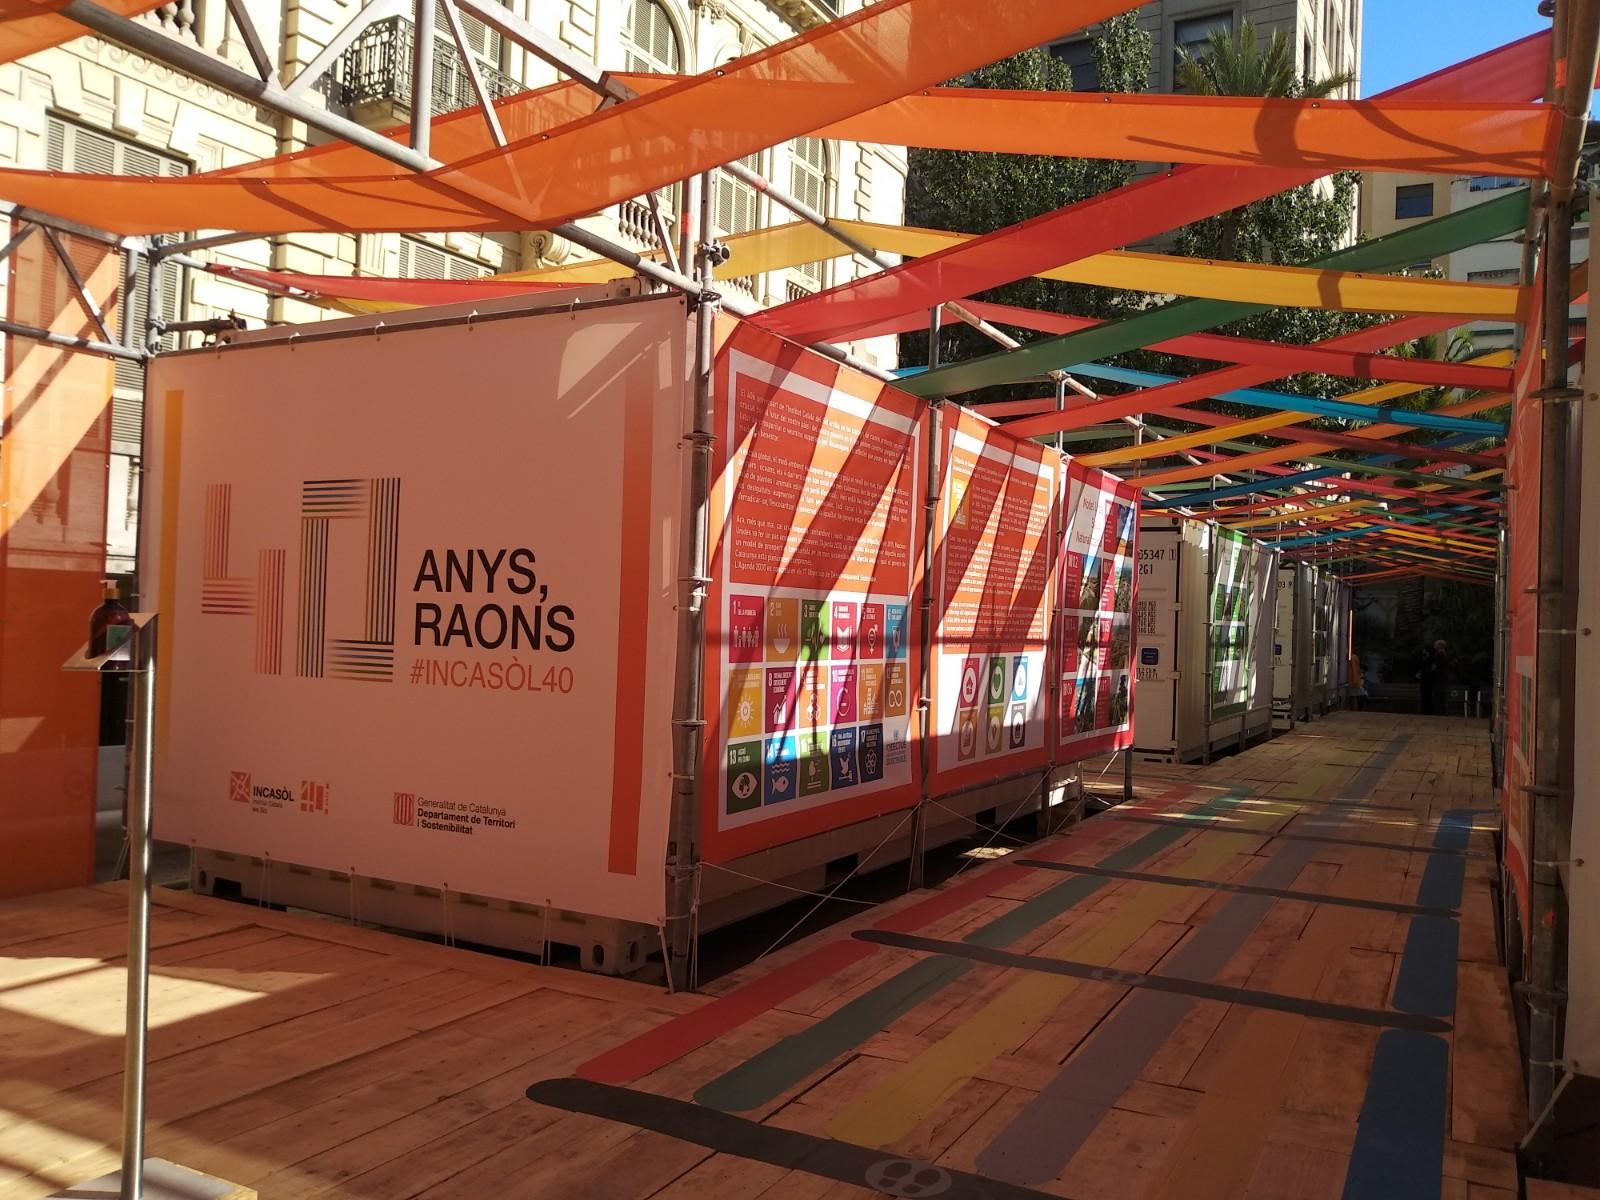 Exposició #INCASÒL40. 40 ANYS, 40 RAONS, als jardins del Palau Robert de Barcelona.